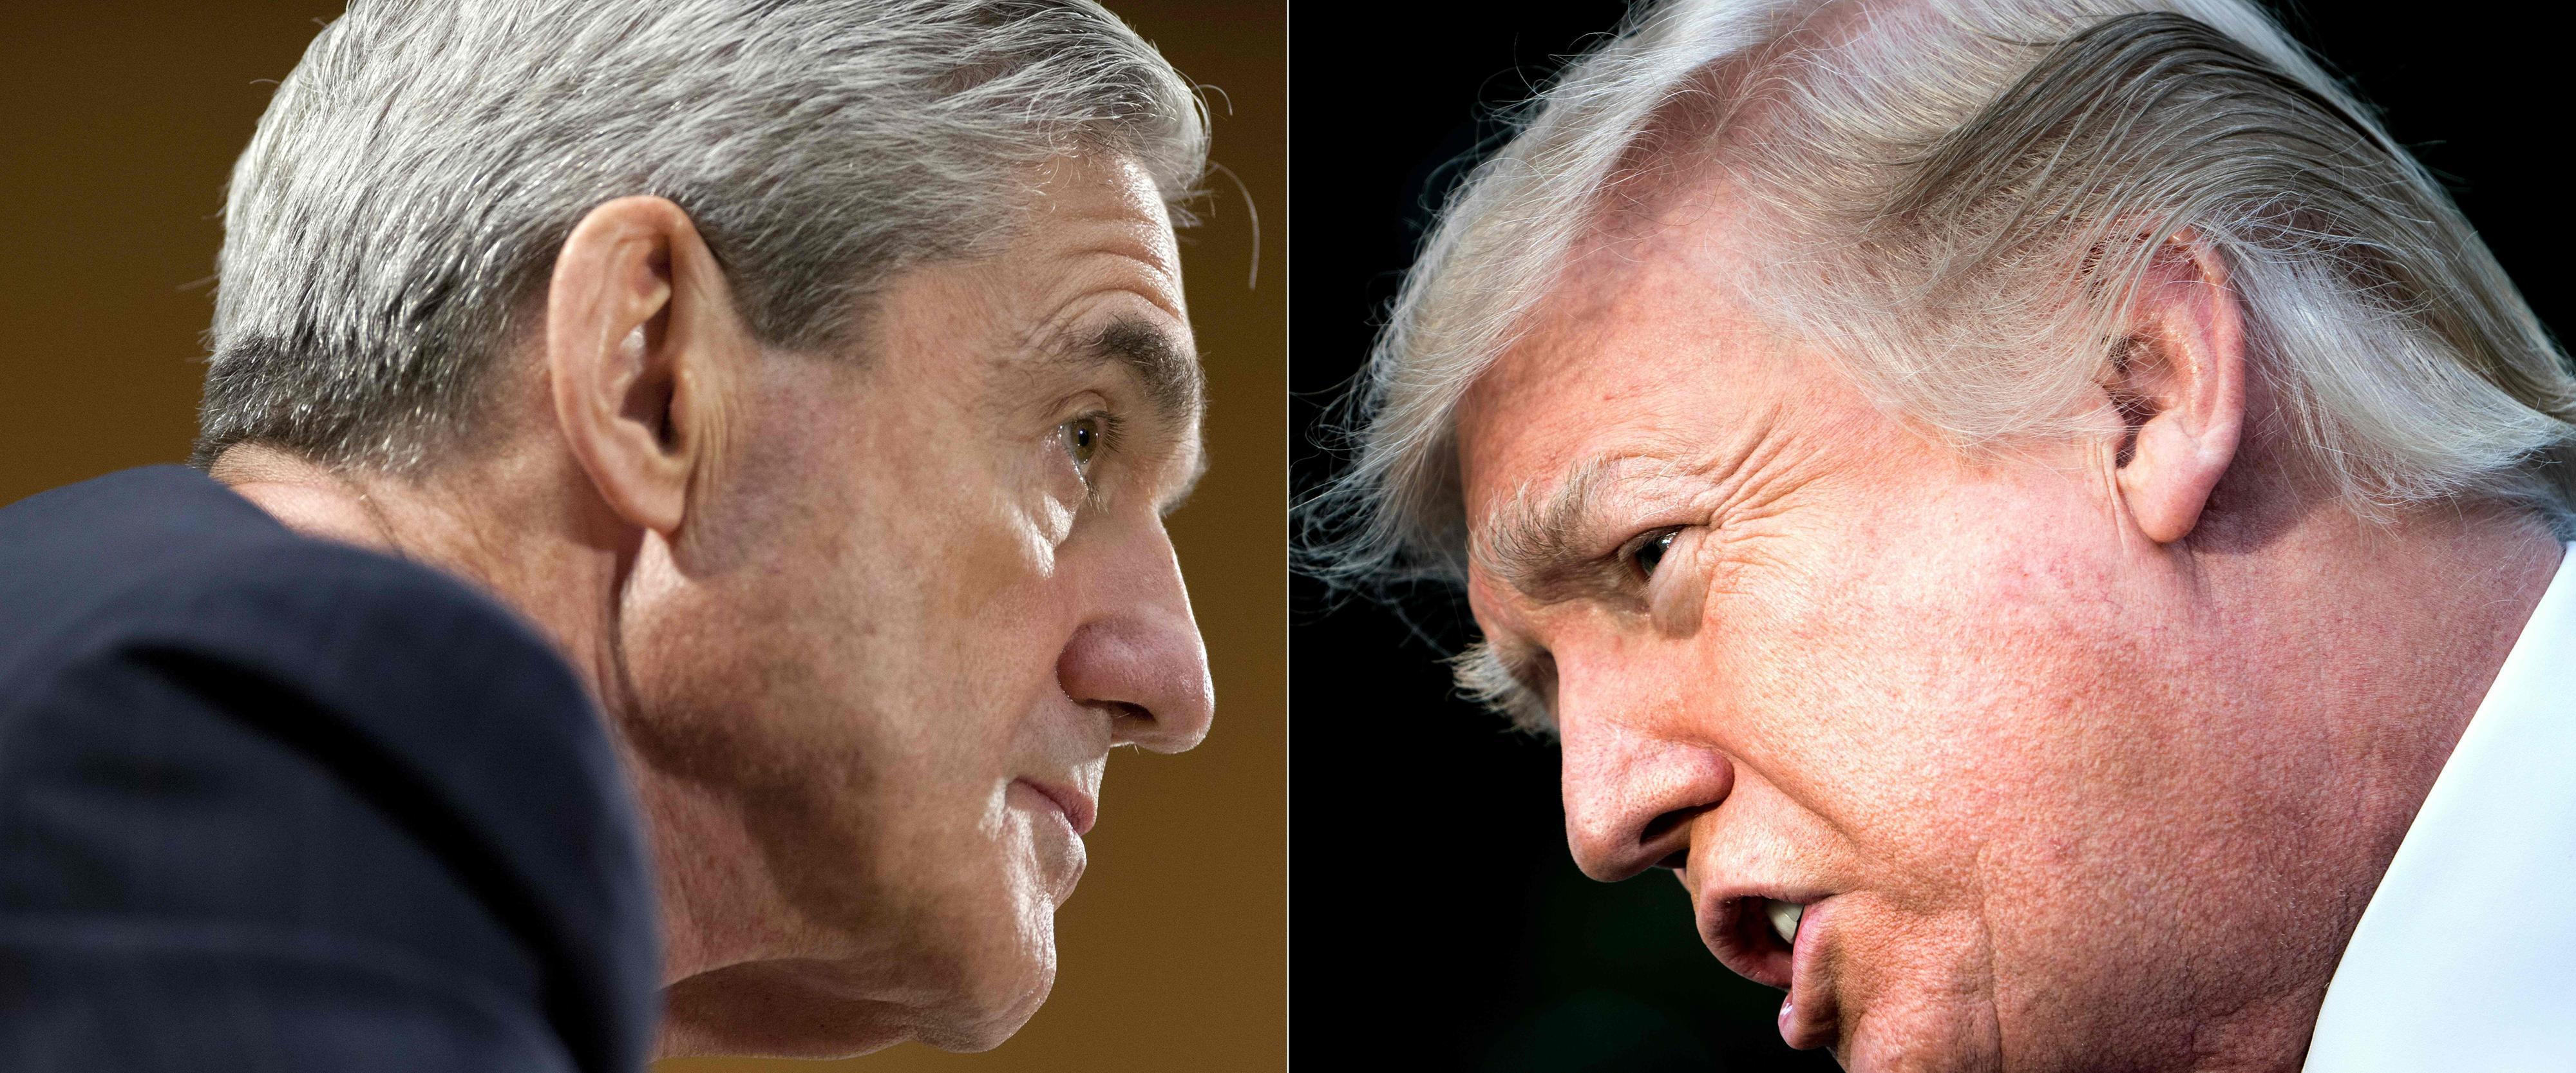 Sonderbericht: Mueller-Bericht: Trump keines Verbrechens schuldig, aber auch nicht entlastet